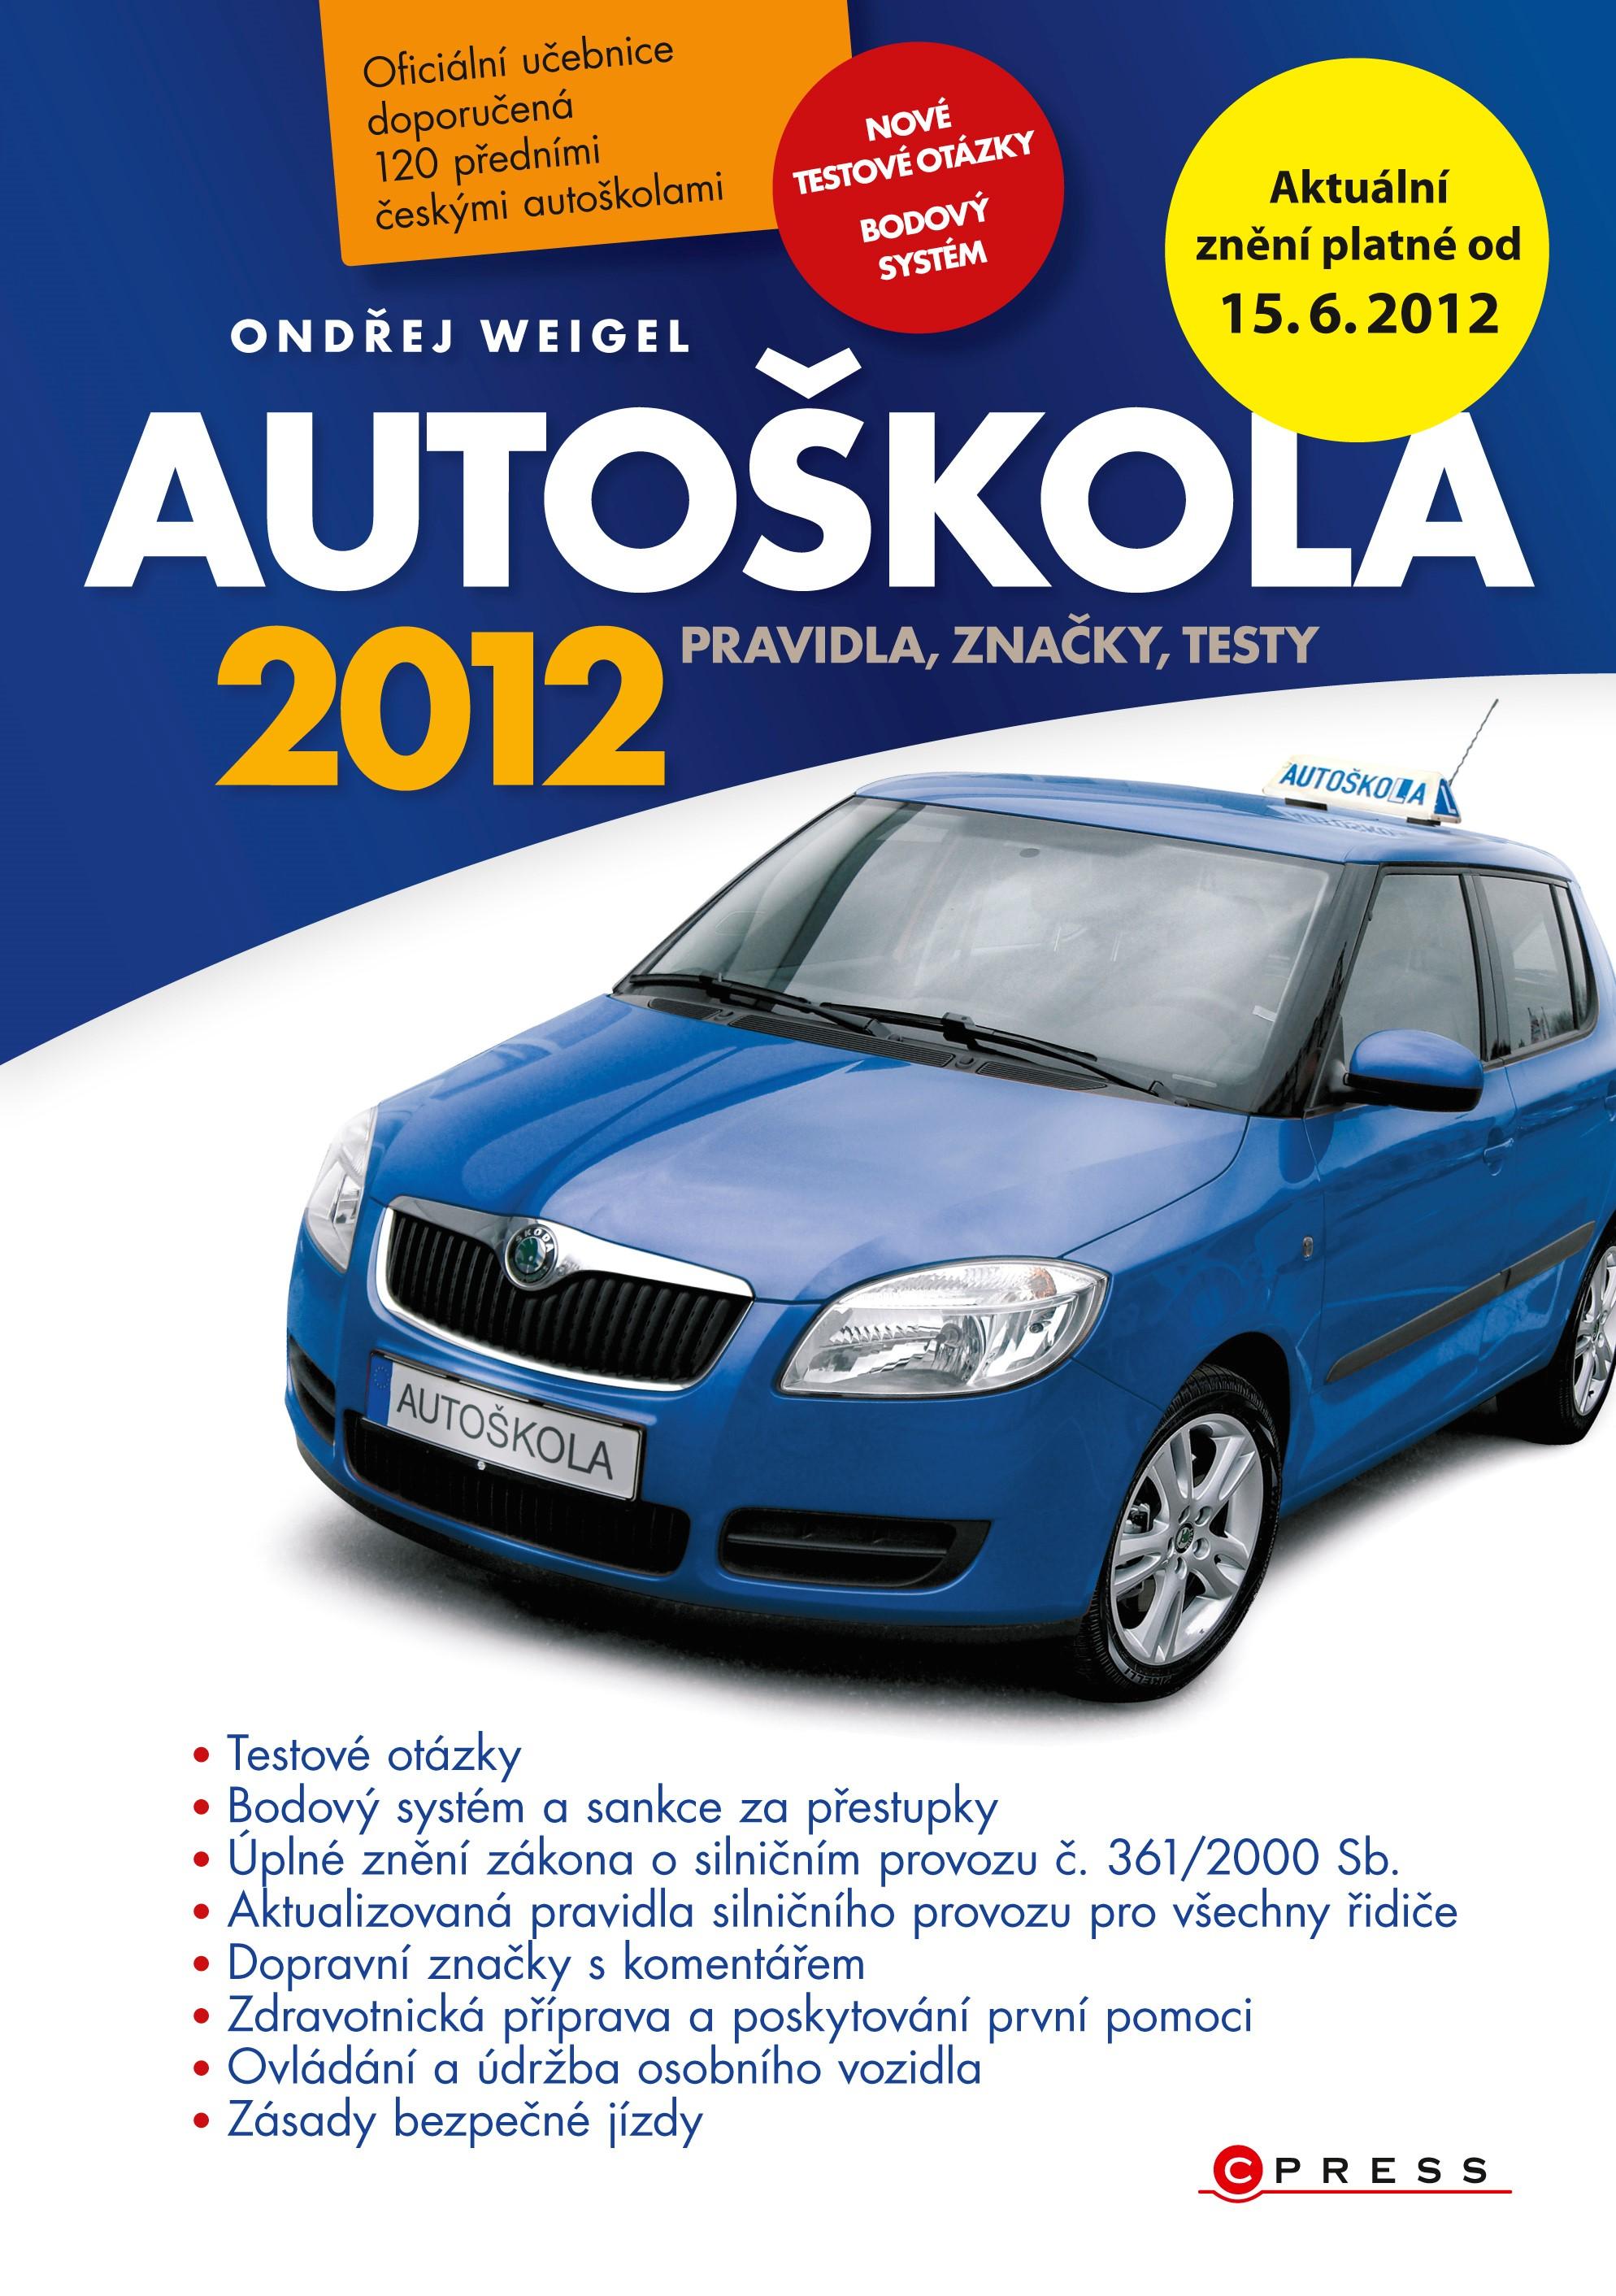 Autoškola 2012 | Ondřej Weigel